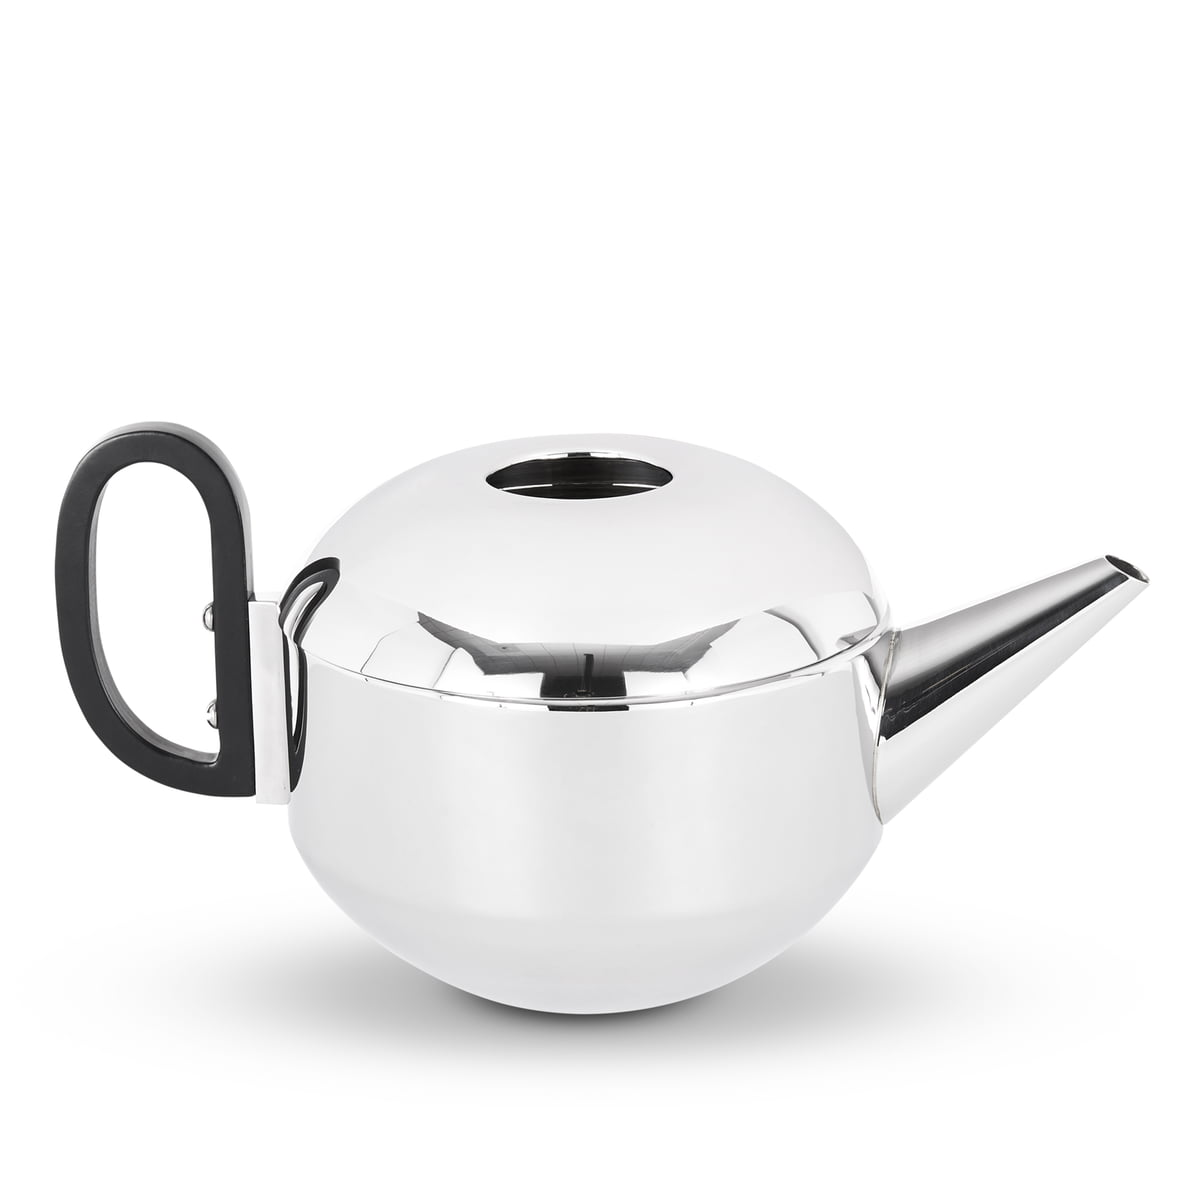 Tom Dixon - Form Teekanne, Edelstahl | Küche und Esszimmer > Kaffee und Tee > Teekocher | Edelstahl | Griff: bakelit | Tom Dixon